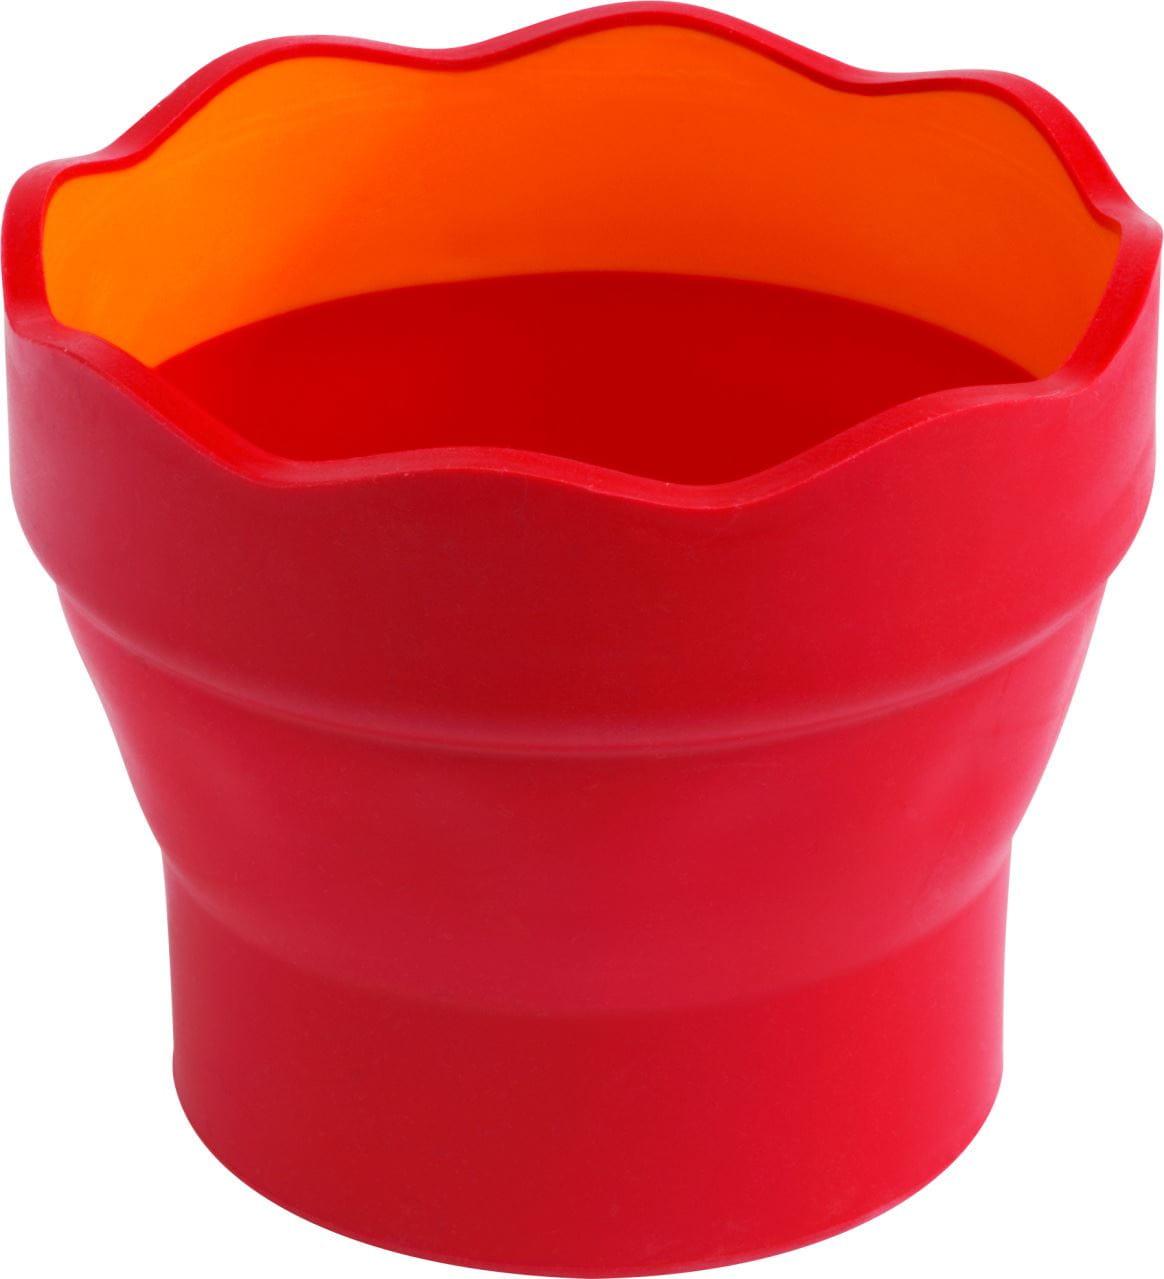 181517 Faber-Castell Wasserbecher CLIC/&GO rot Wasserfarben Becher